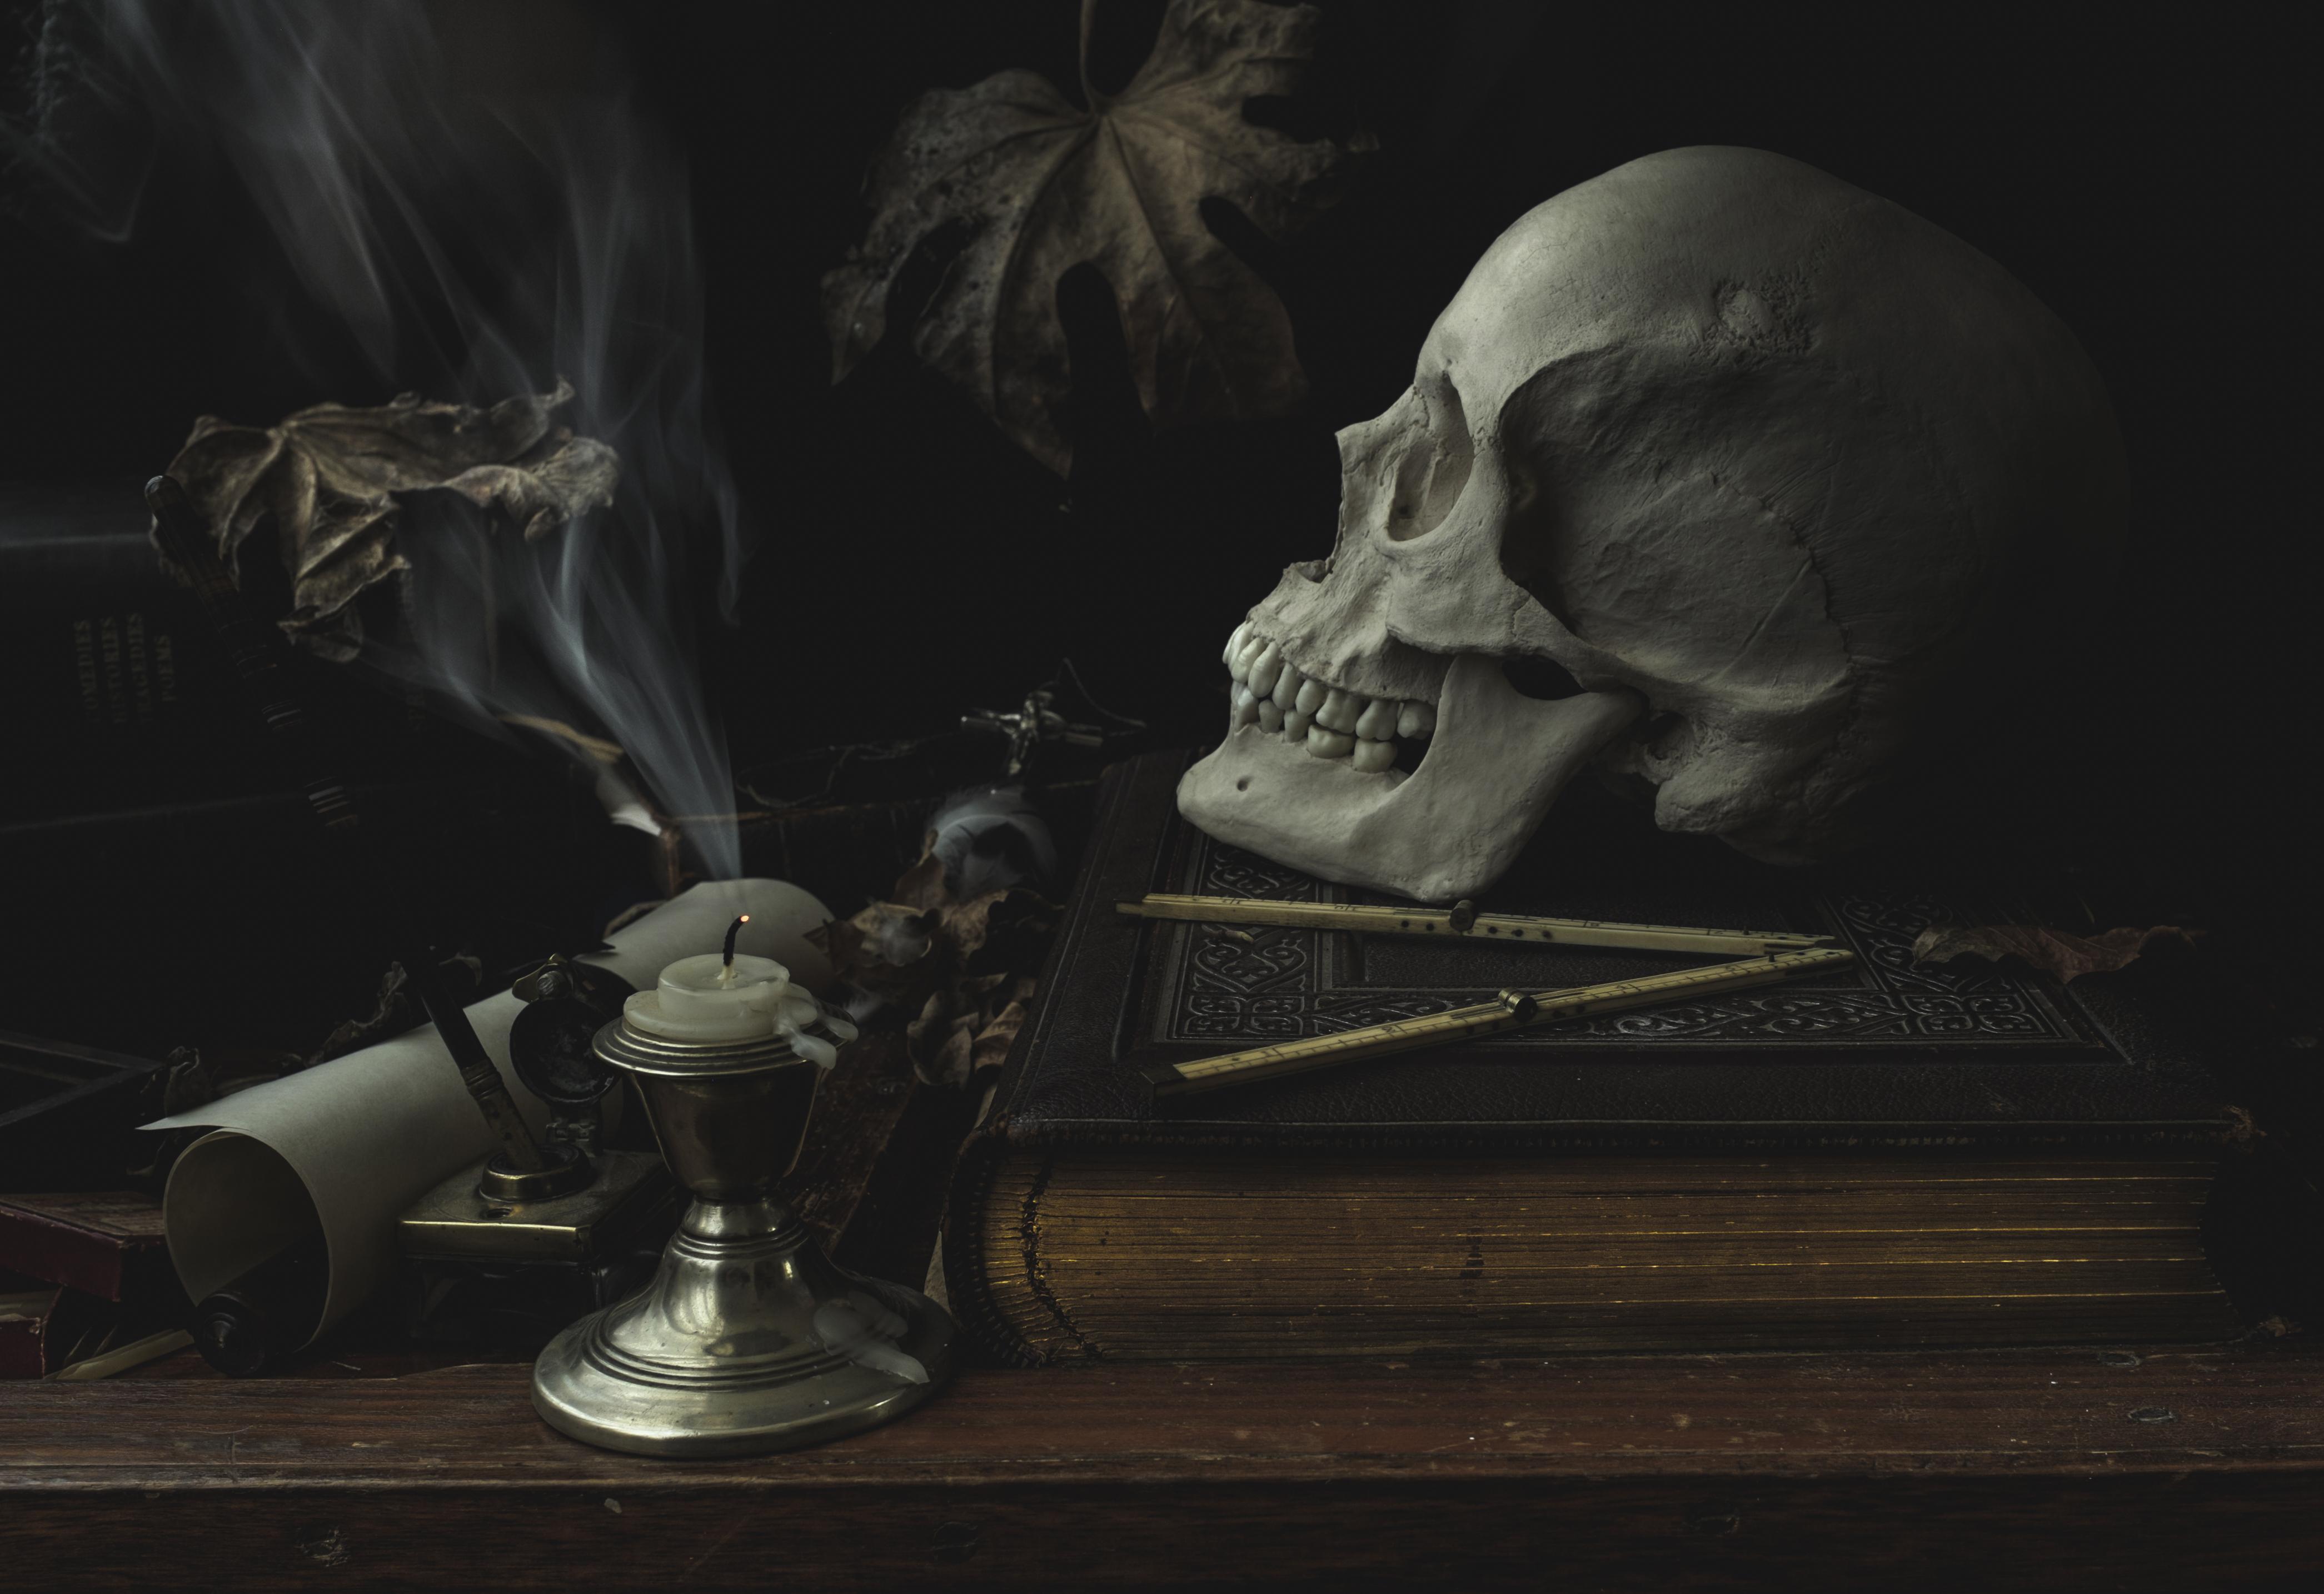 Fondos de pantalla : pintura, oscuro, horror, sombra, Obra de arte ...